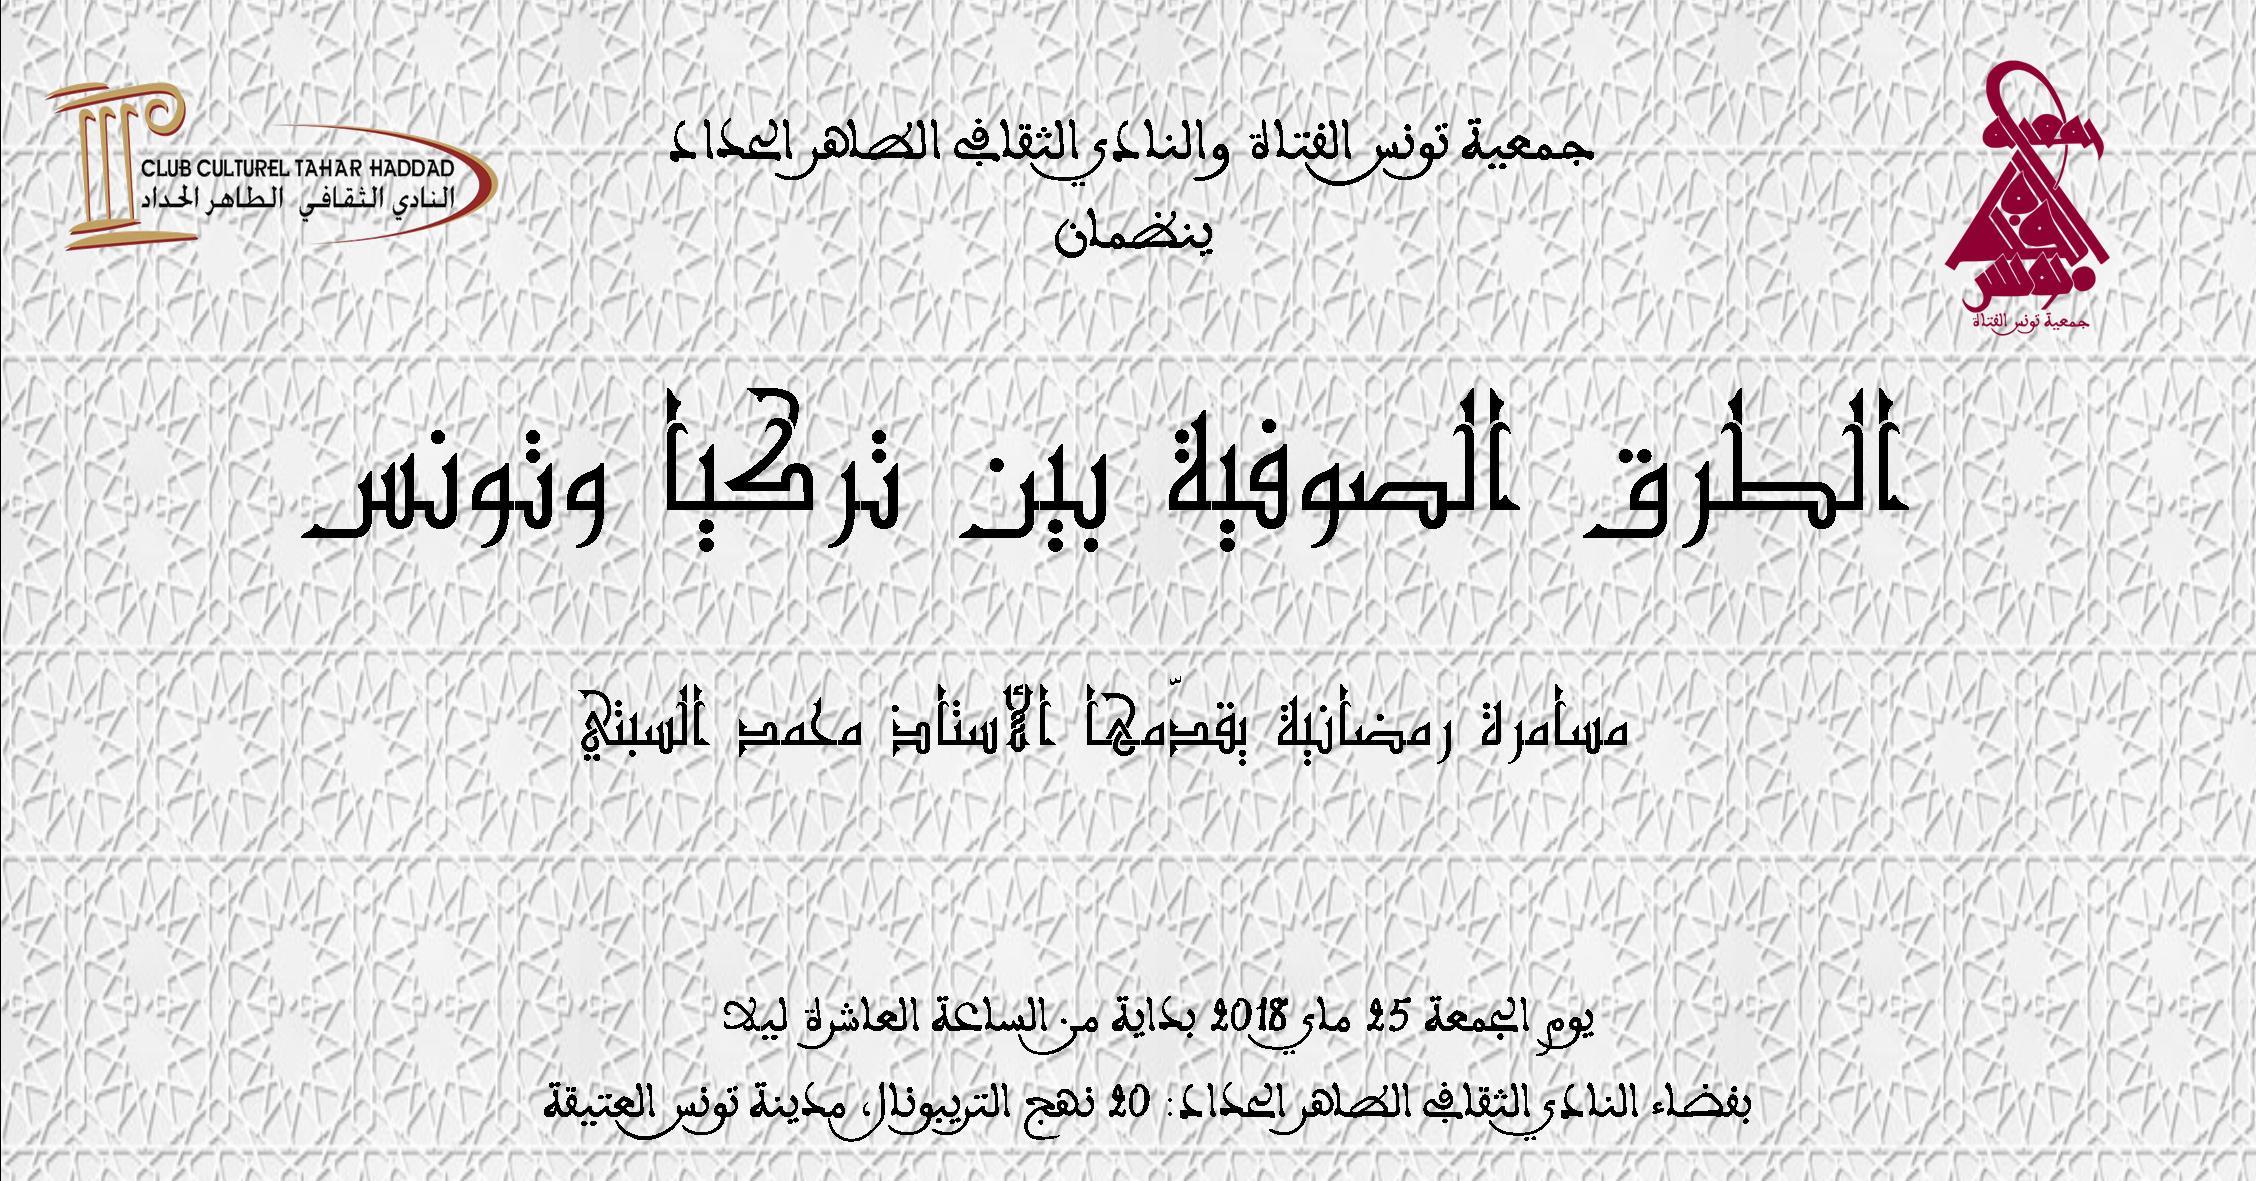 موقع النادي الثقافي الطاهر الحدّاد بالمدينة العتيقة: 20 نهج التريبونال